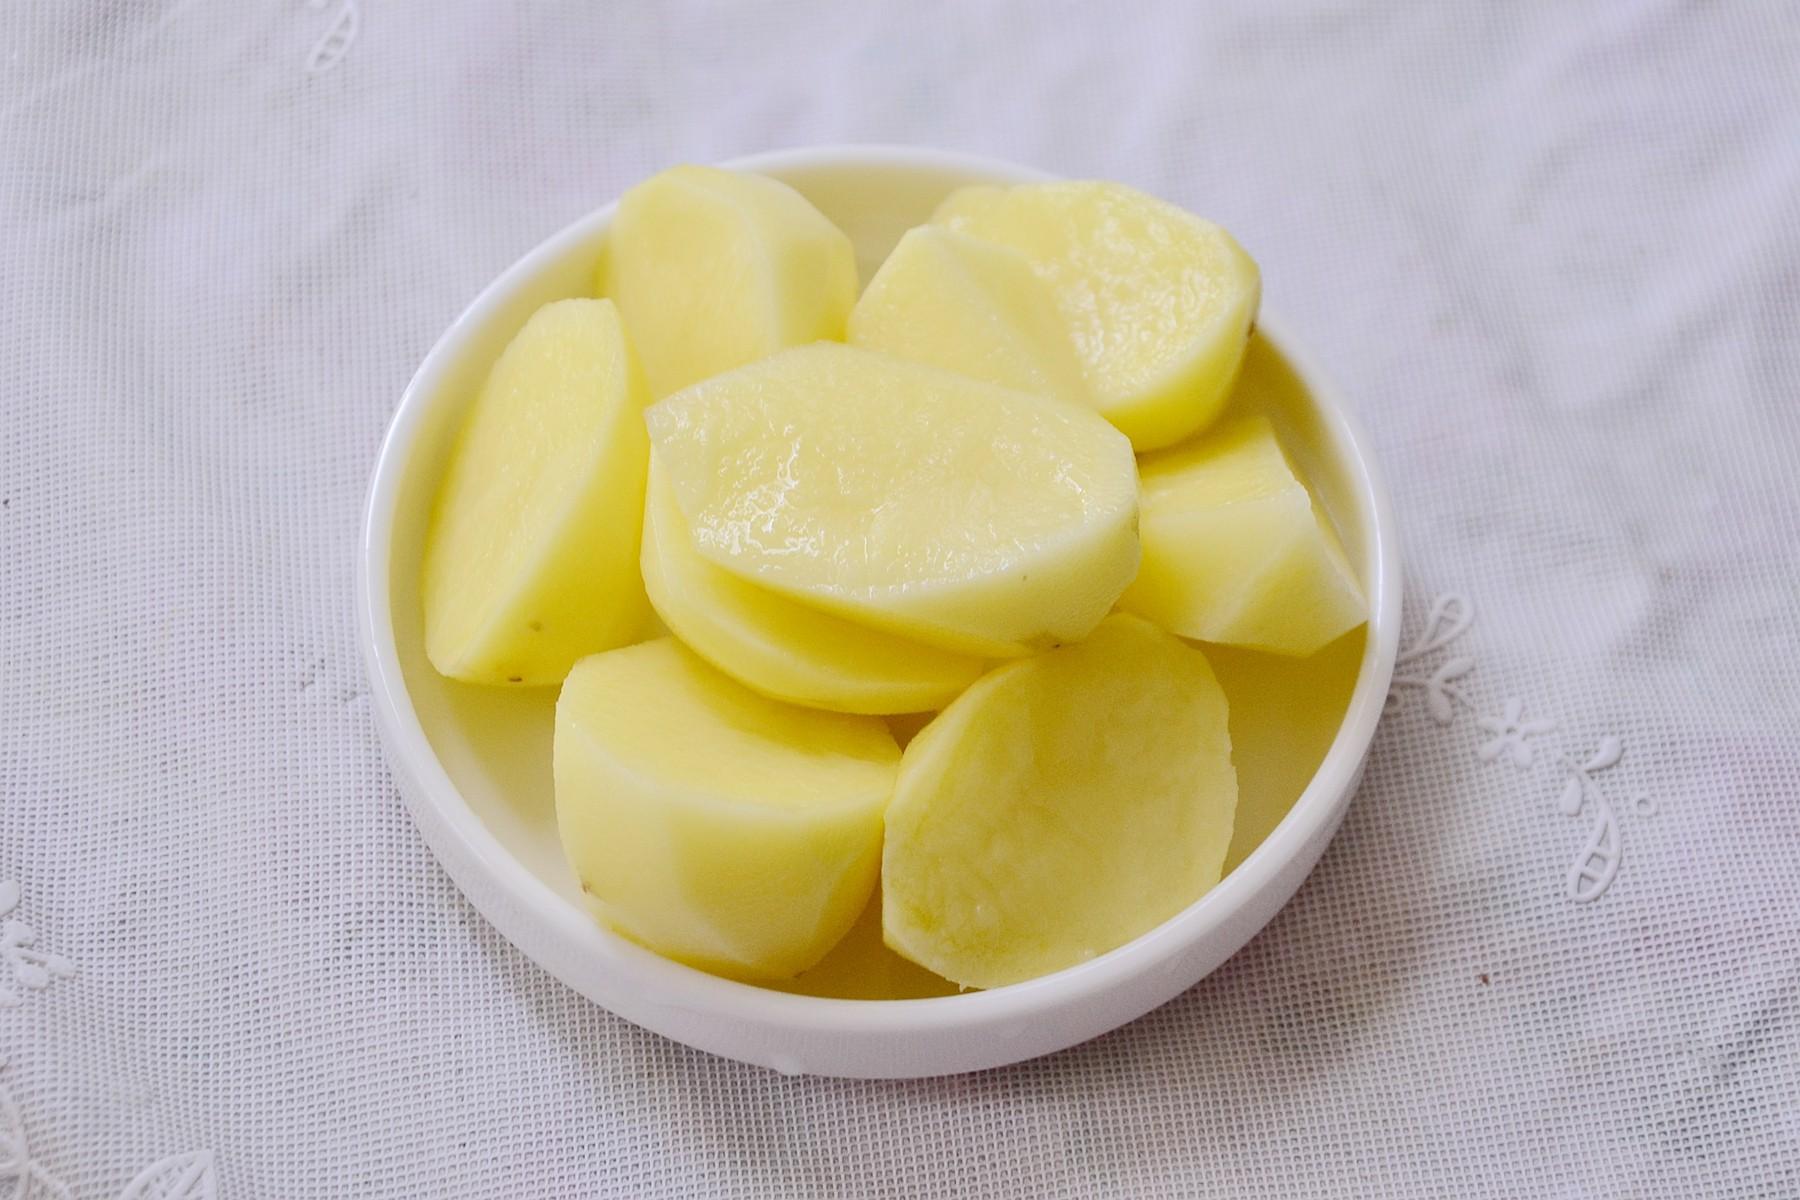 Sườn hấp khoai tây mềm ngon đã miệng - Ảnh 2